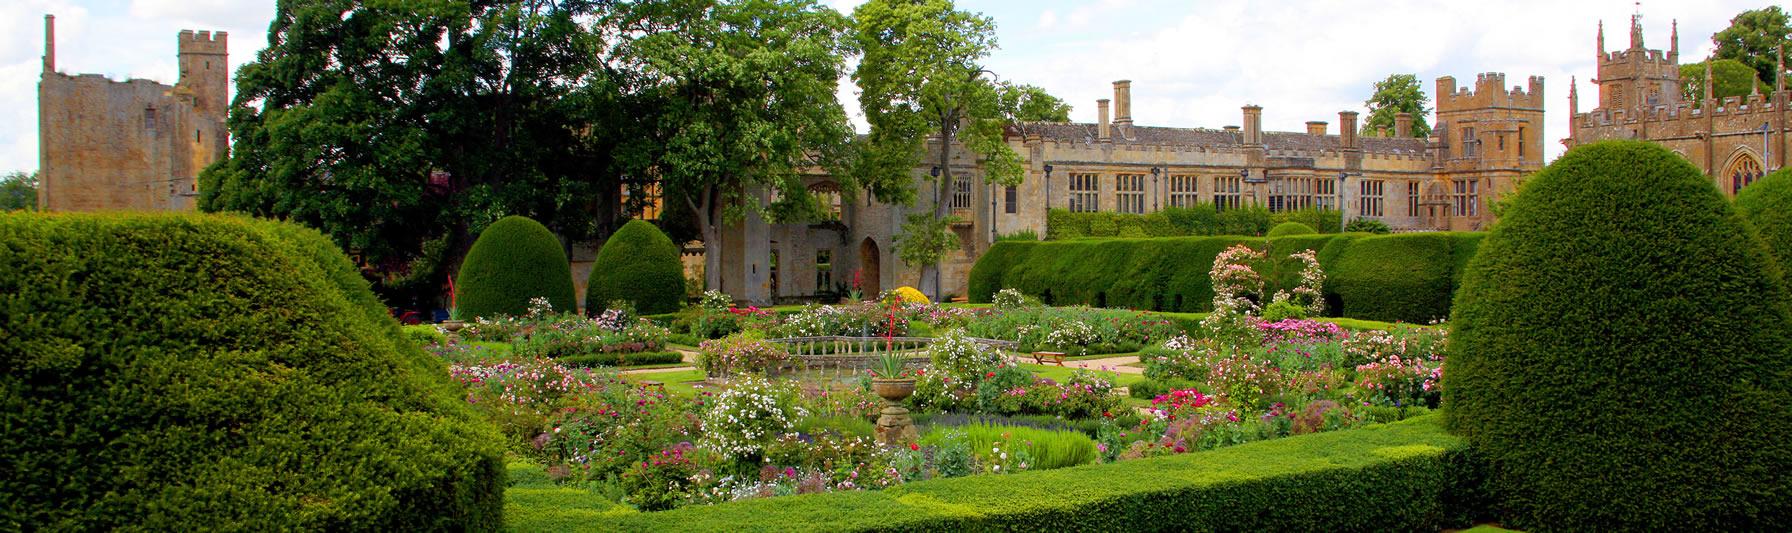 De tuinen van Sudeley Castle in de Engelse Cotswolds